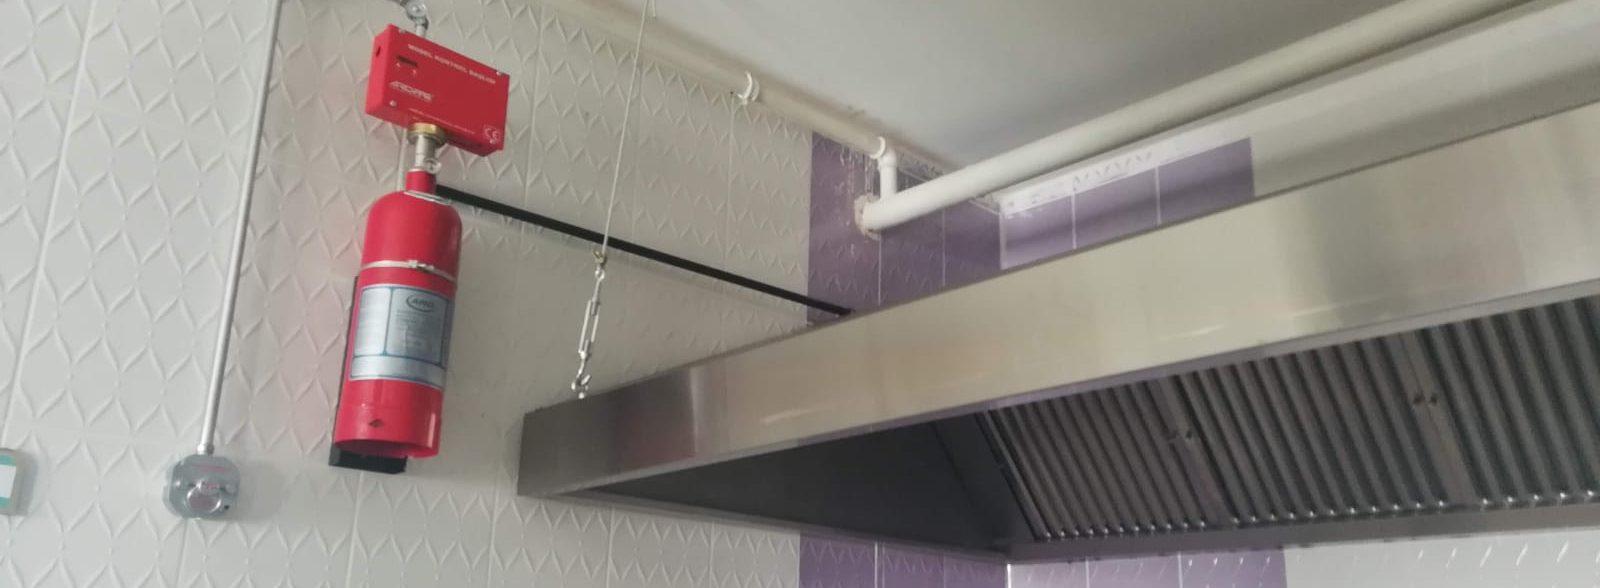 davlumbaz-sondurme-sistemi-mutfak-yangin-guvenliği